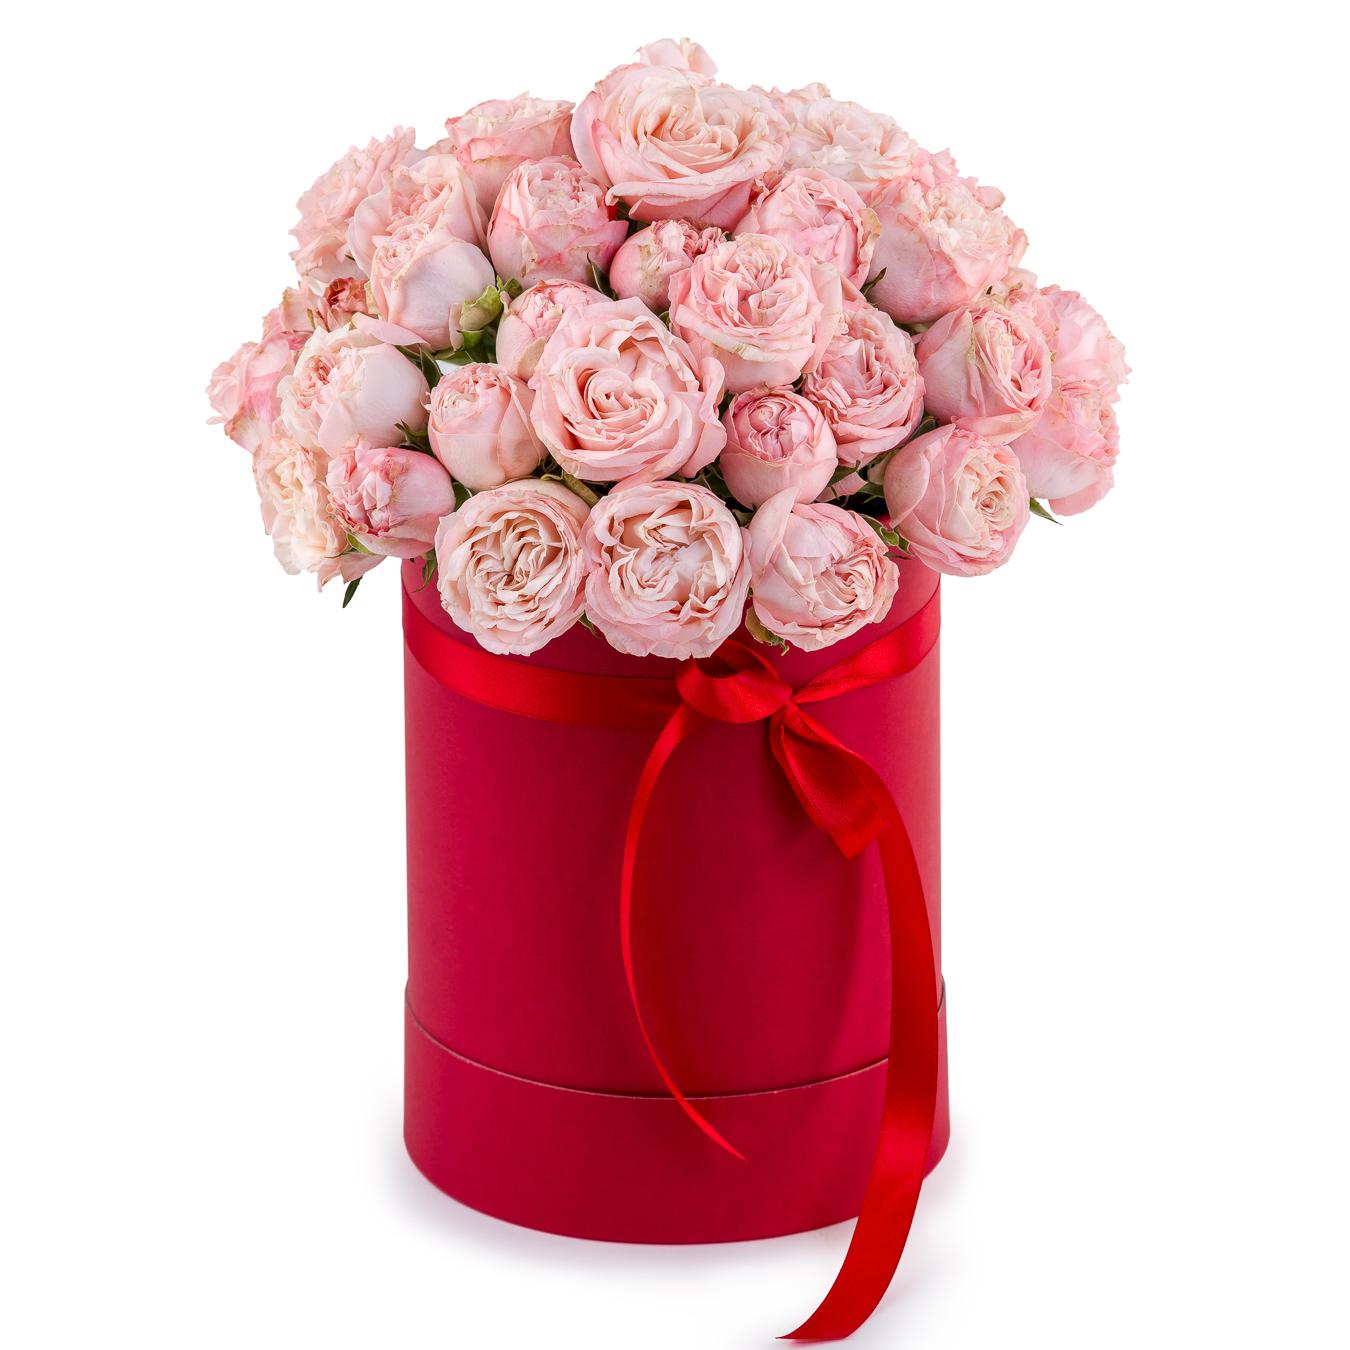 Авторский букет цветов Венский кофе<br>Ингредиенты: Оазис 2 шт, Роза пионовидная 13 шт, Коробка флобокс 1 шт;